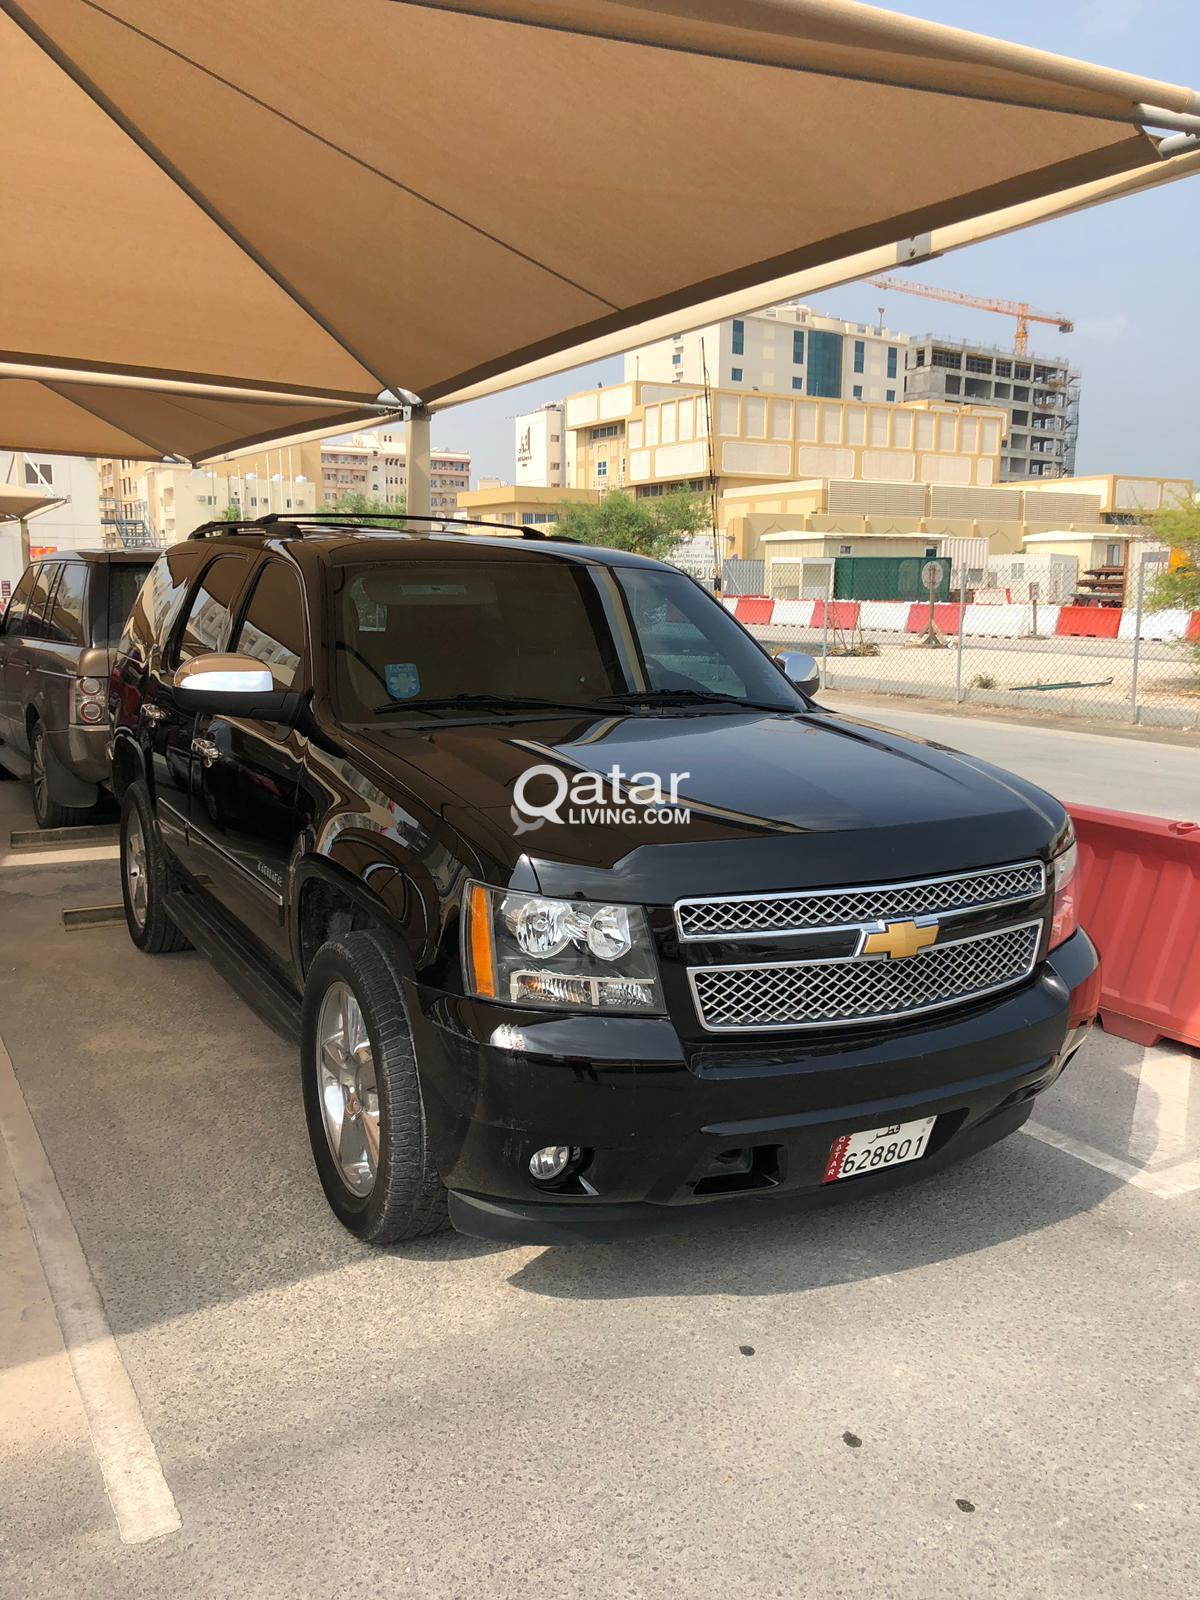 Chevy Tahoe | Qatar Living